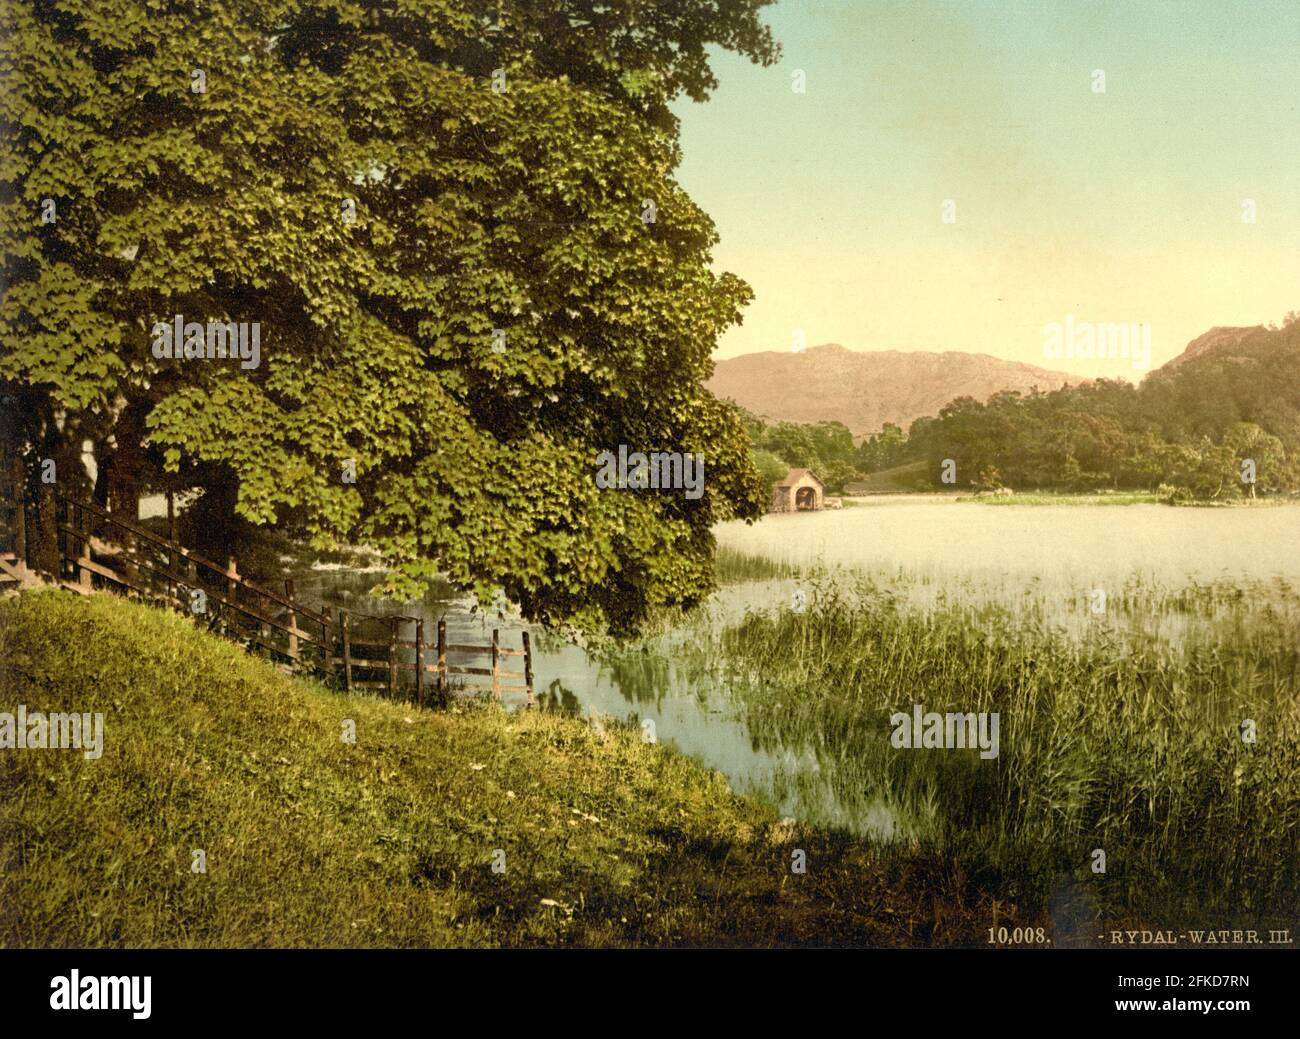 Rydal Water dans le Lake District, Cumbria vers 1890-1900 Banque D'Images